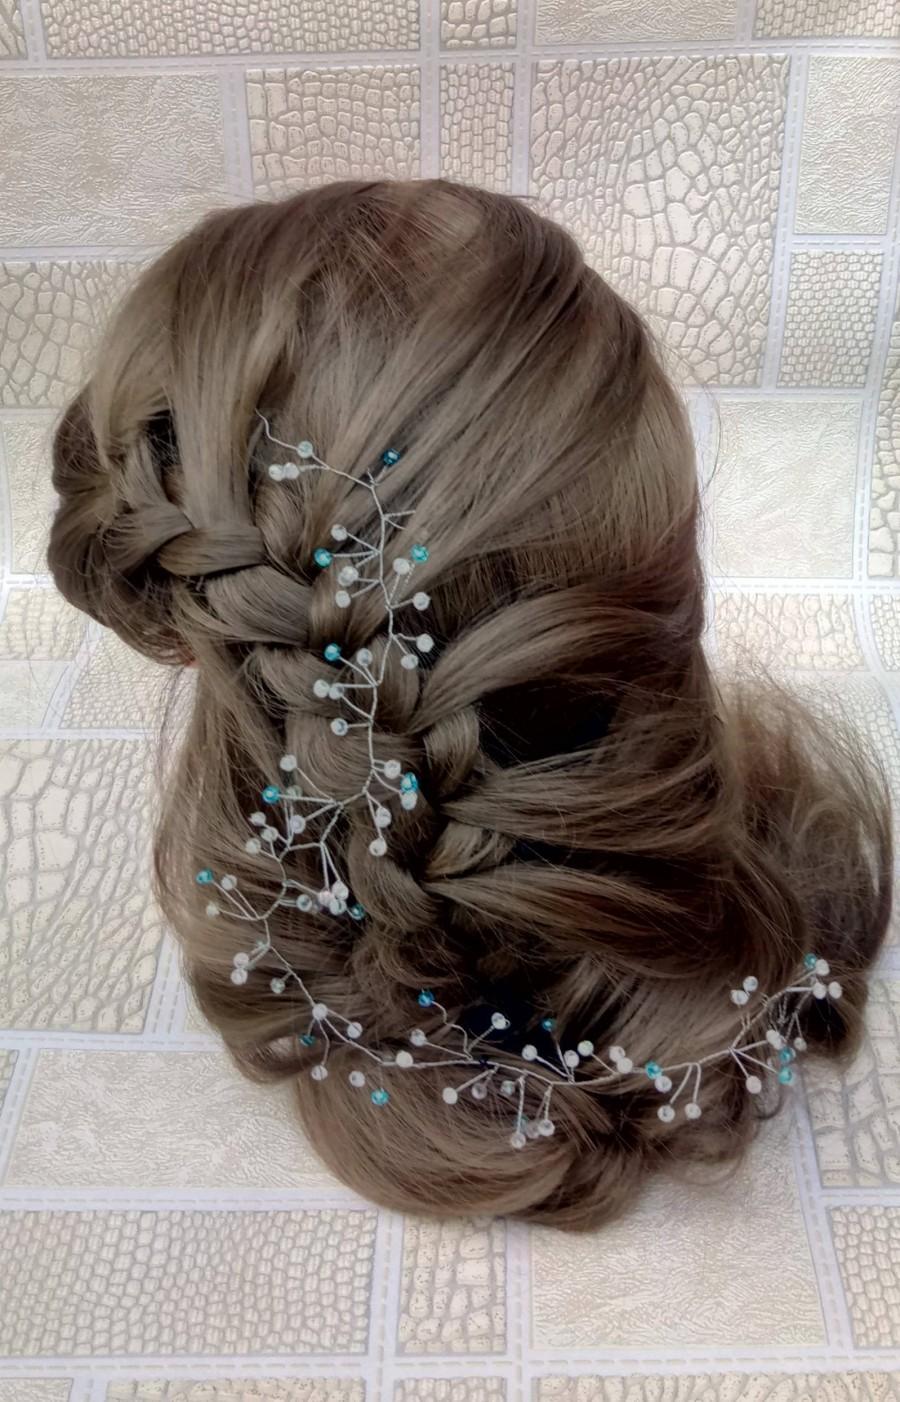 Wedding - Blue hair accessories, Bridal hair vine, wedinng hair accessories, Cristal hair vine, Bride headpiece